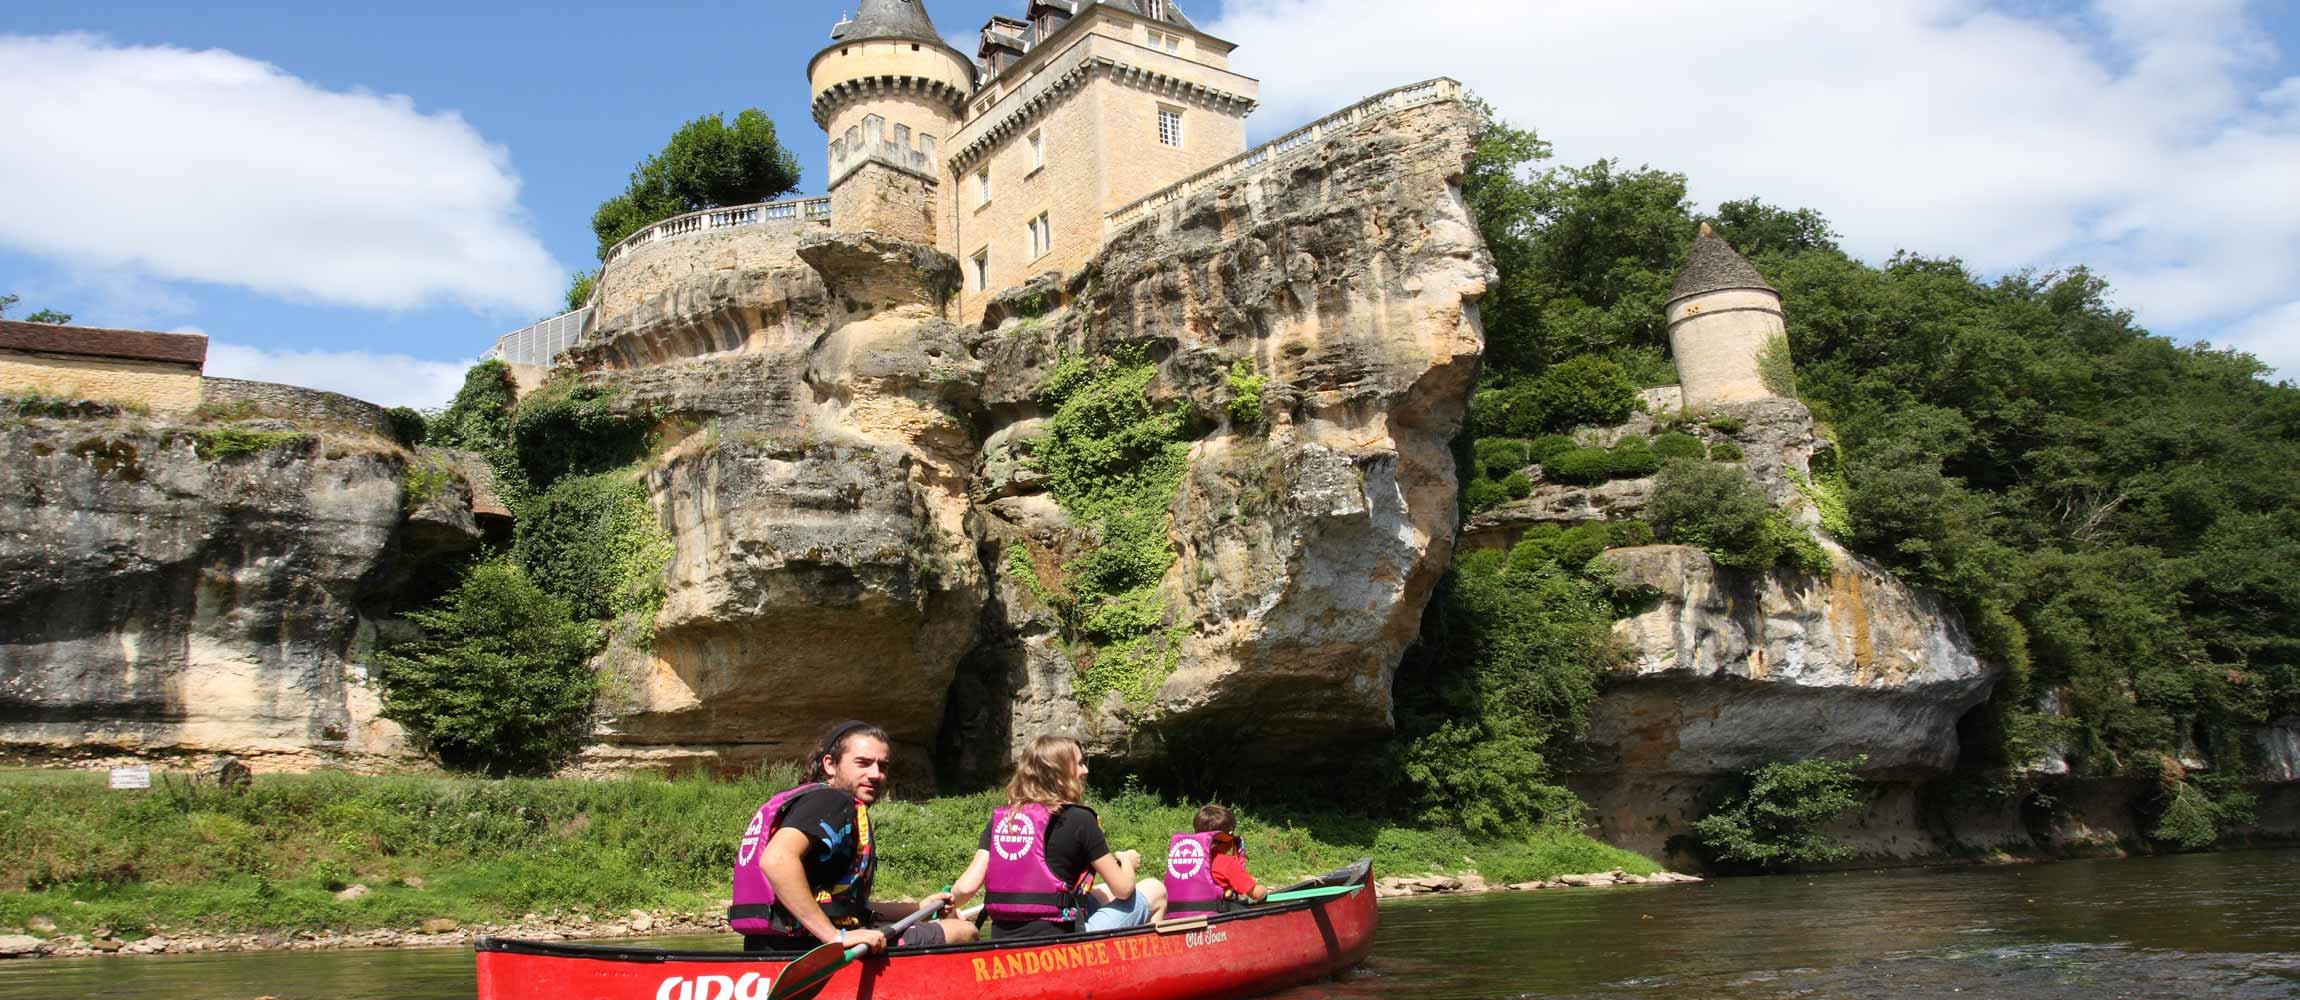 Canoeing on Vezere river with Aventure Plein Air - Canoë Vézère